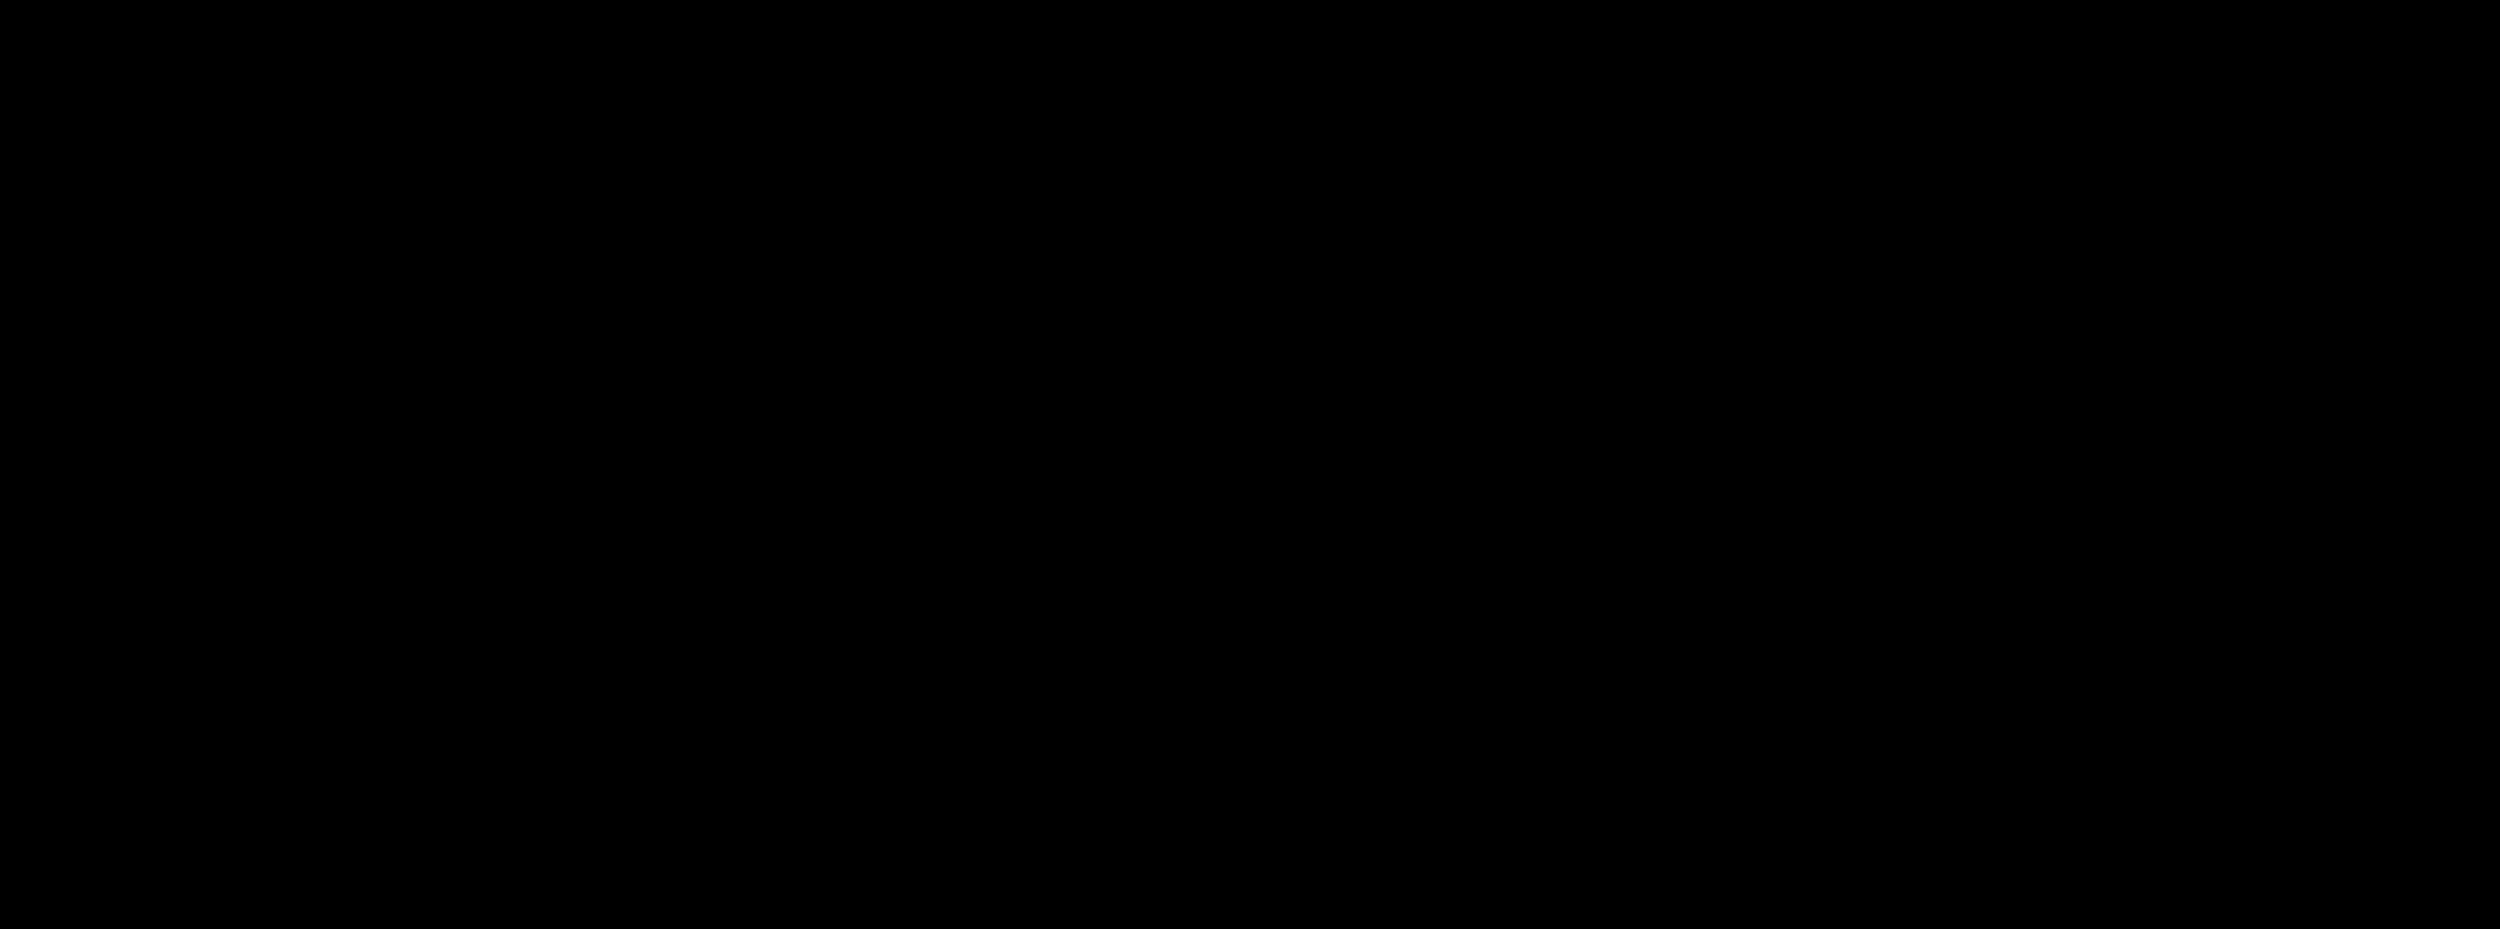 Black on Transparent (3).png